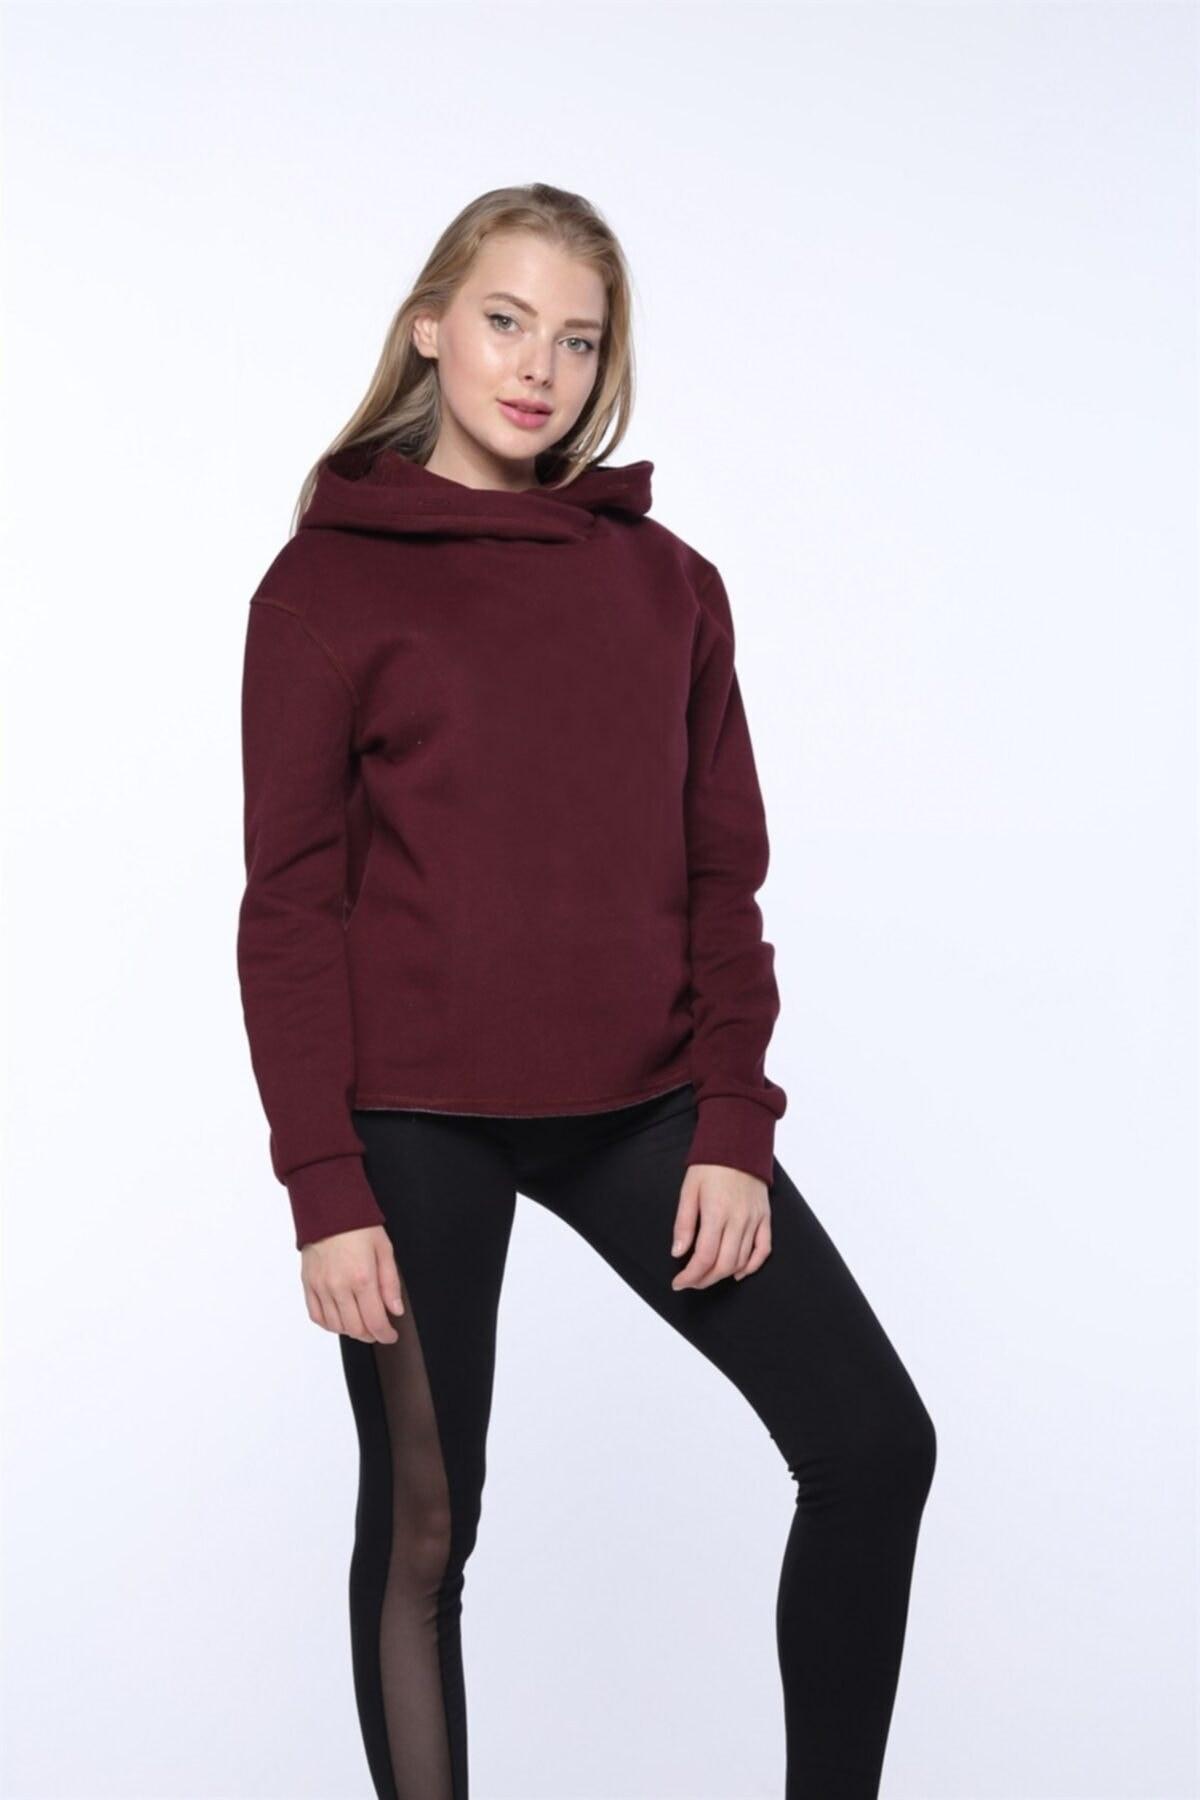 تصویر سویشرت زنانه شیک جدید برند Mlike Fashion رنگ زرشکی ty78318867